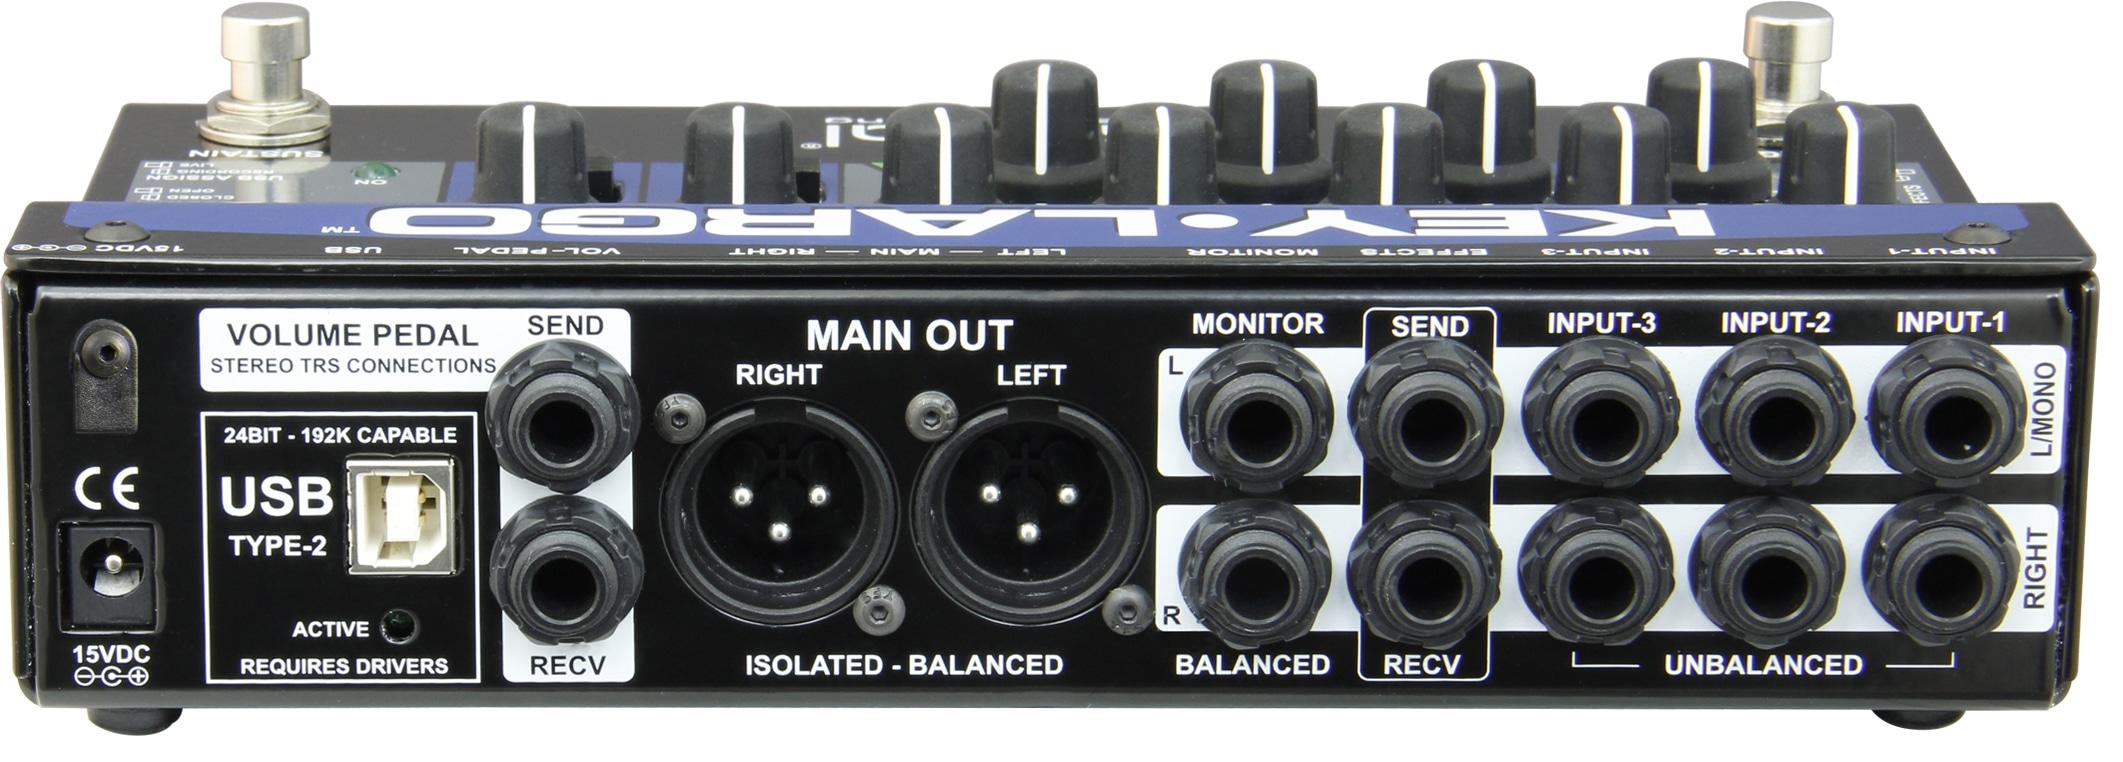 key largo inputs outputs mixer